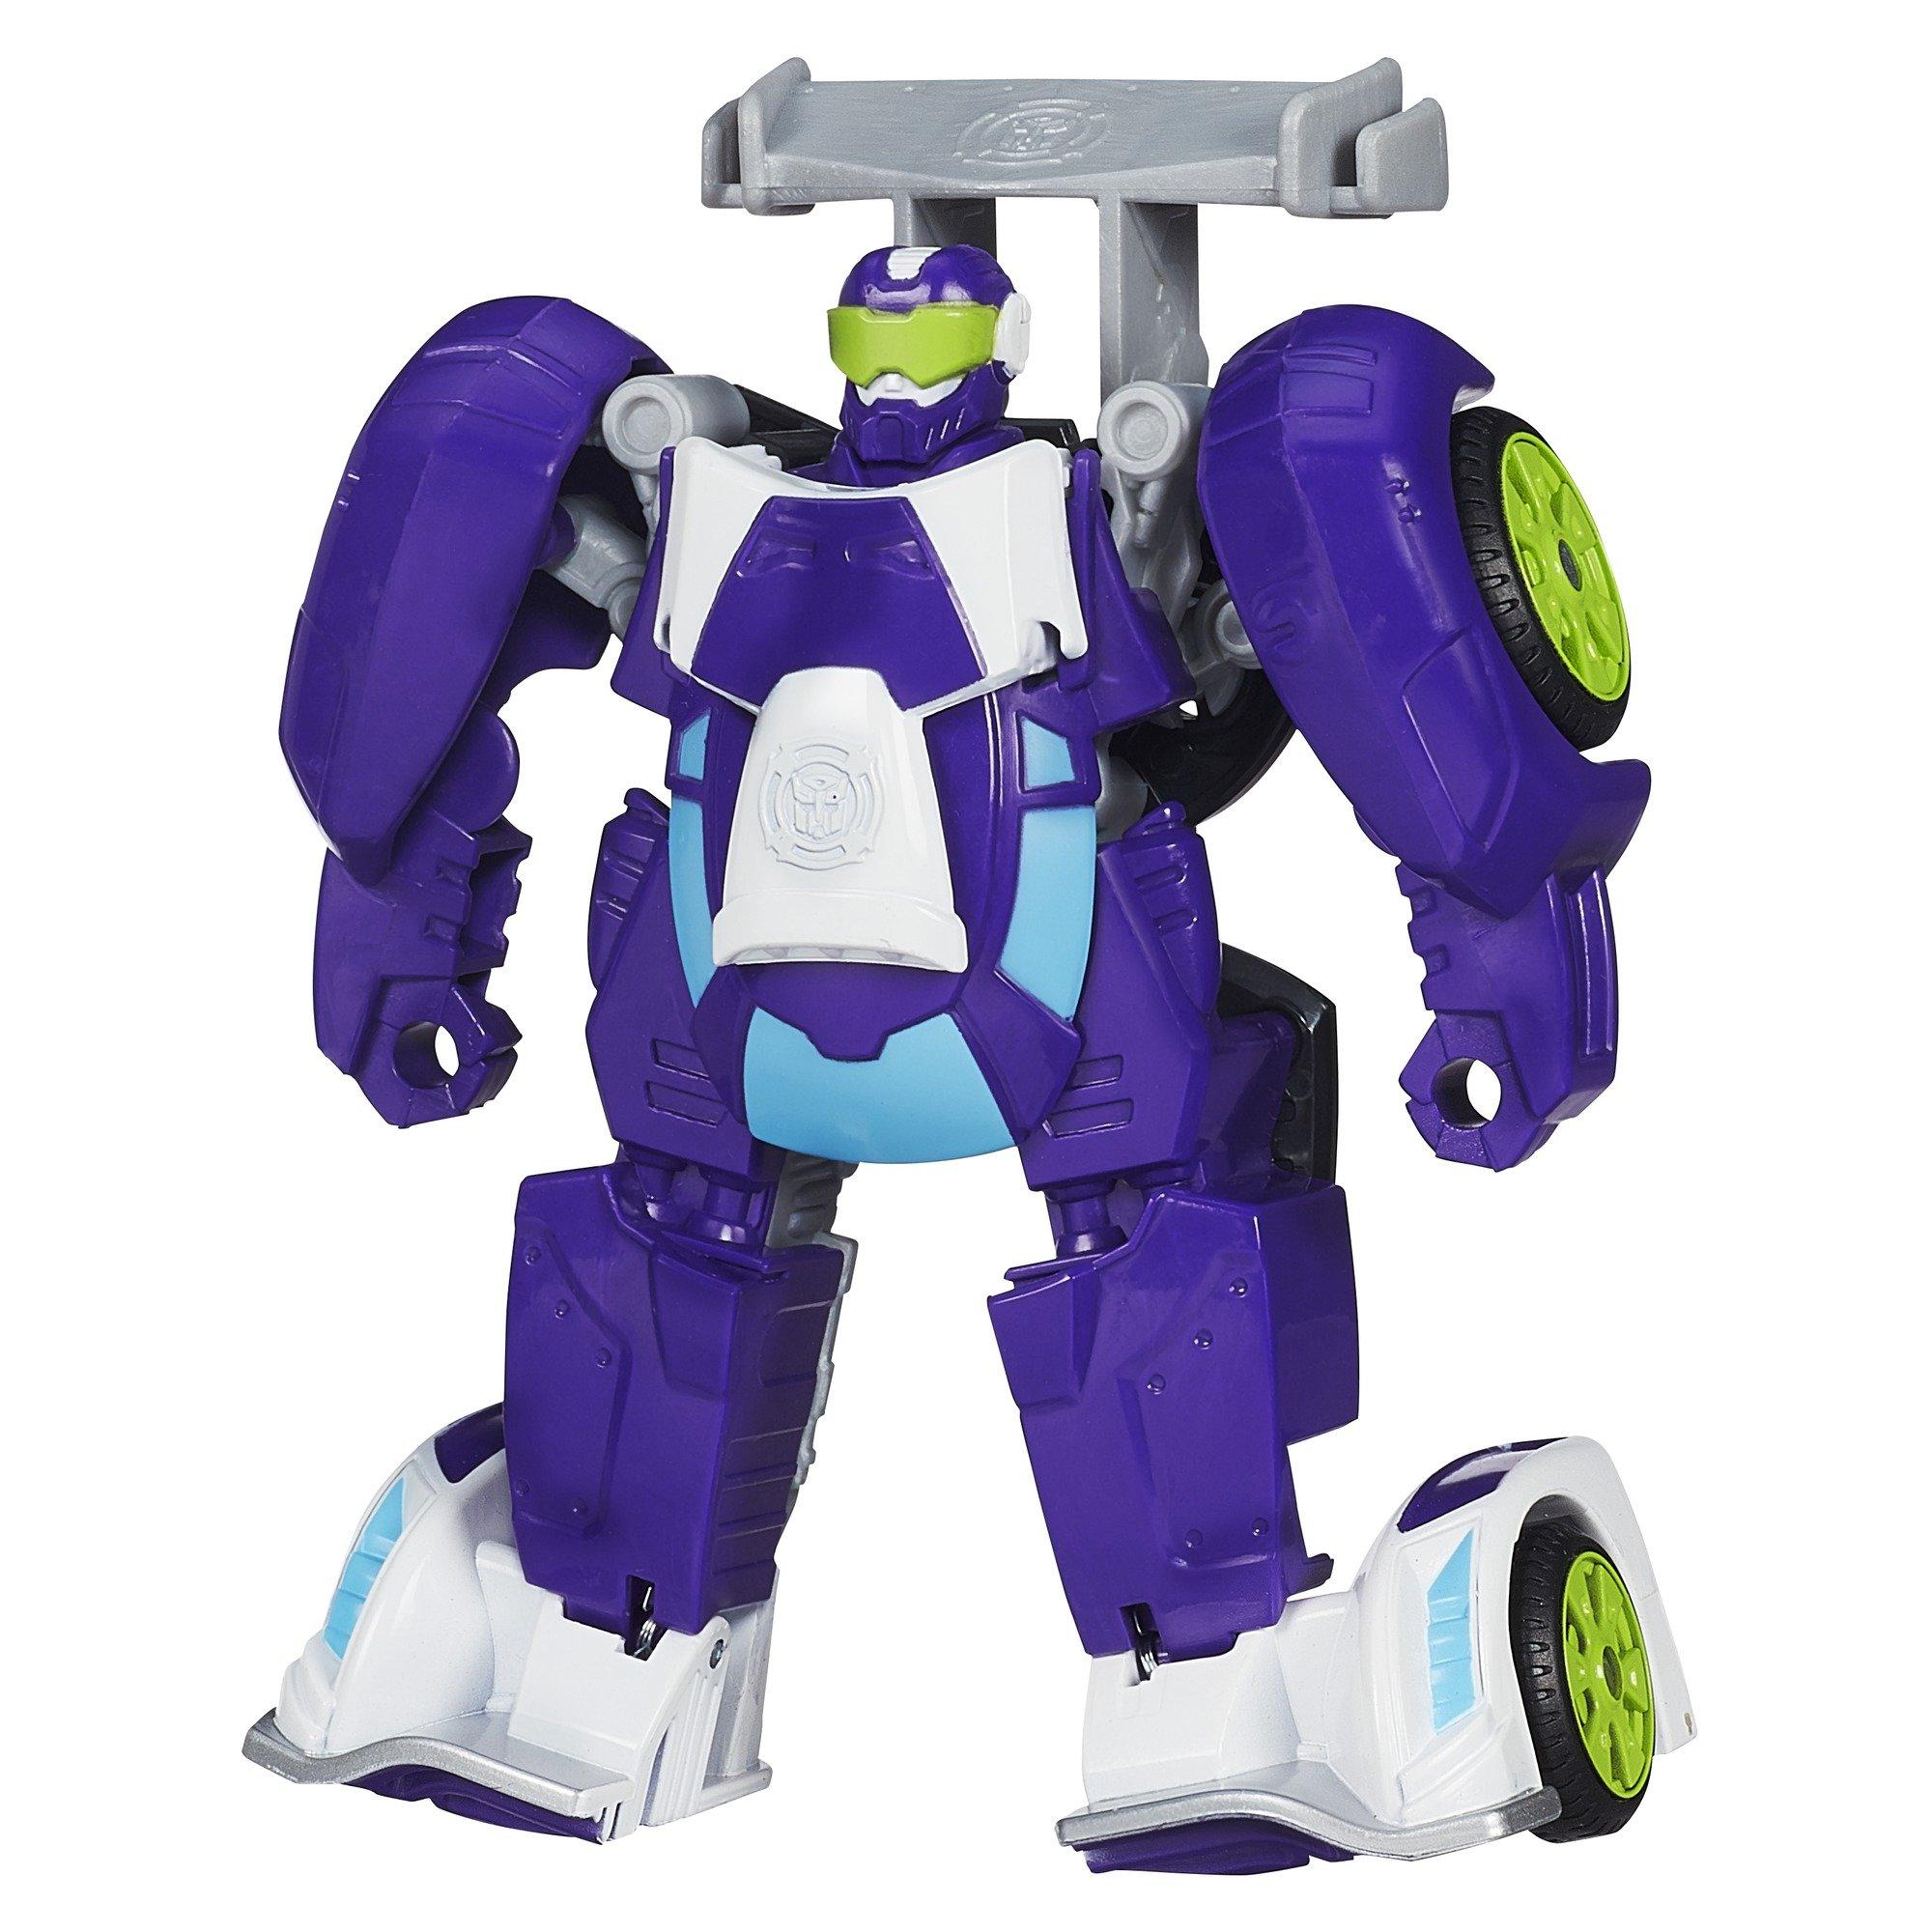 Playskool B1013 Heroes Transformers Rescue Bots Blurr Figure by Playskool (Image #1)